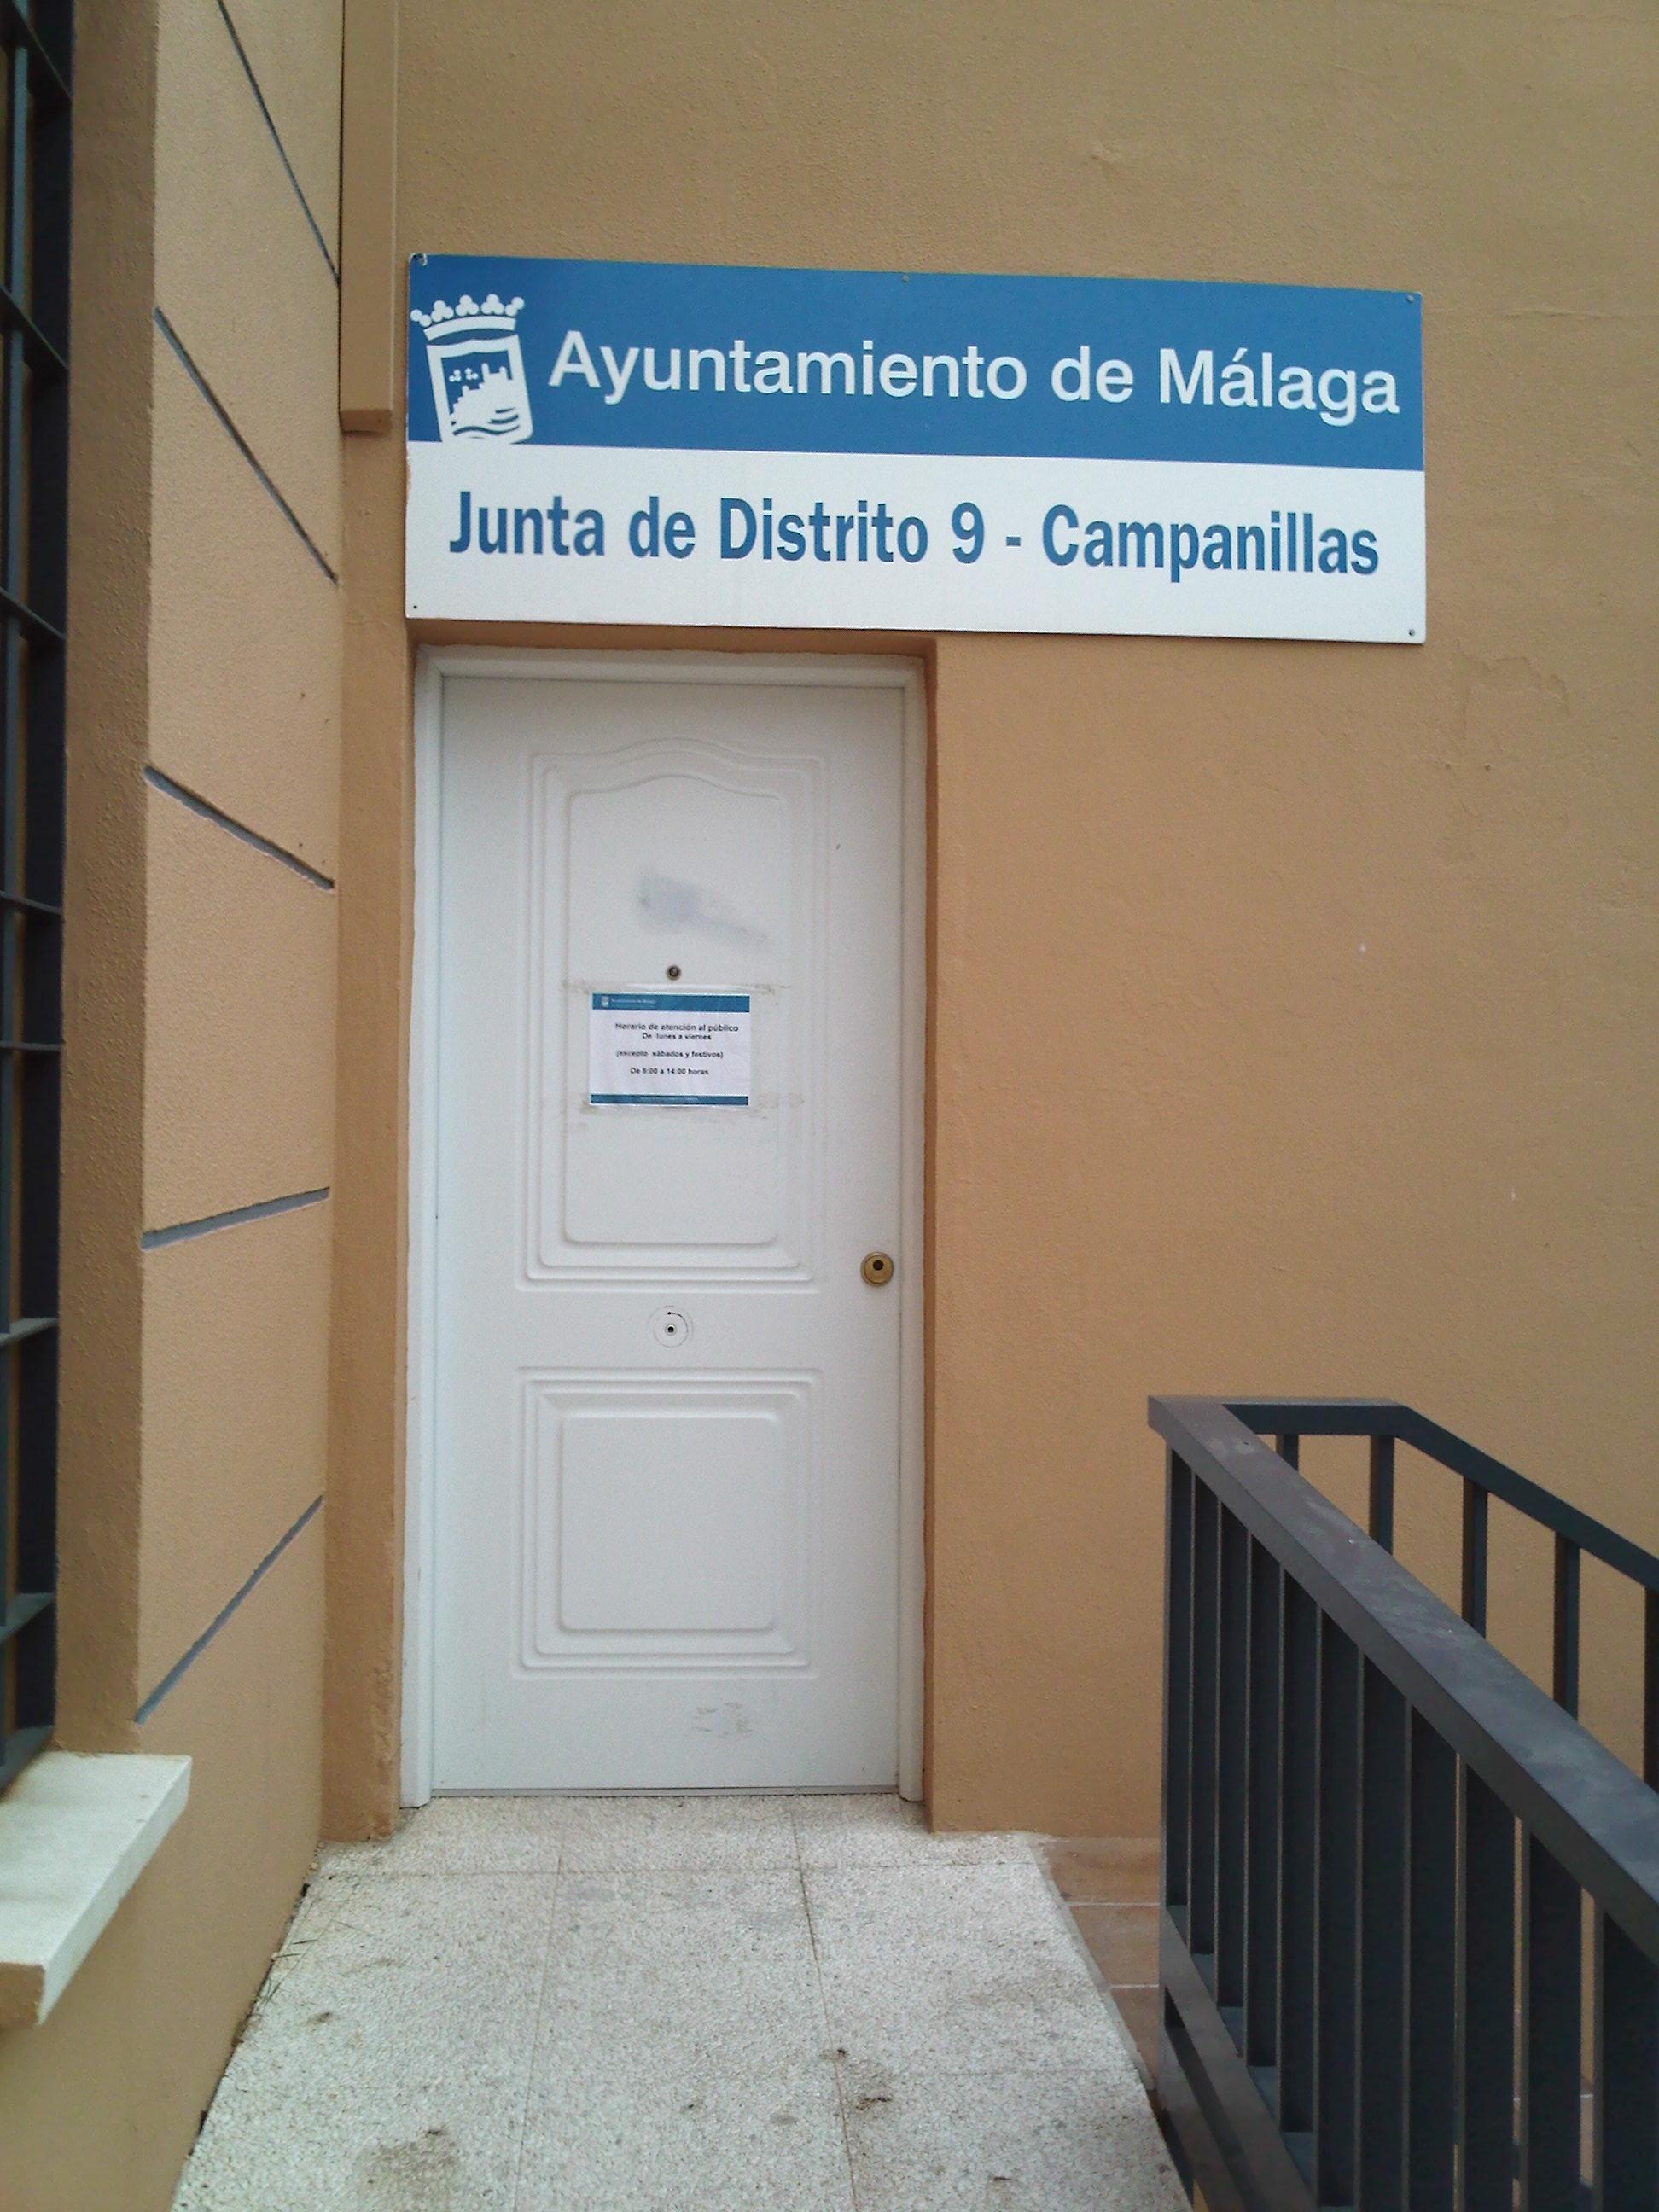 Oficina Municipal de Atención a la Ciudadanía (OMAC 9 - Campanillas)